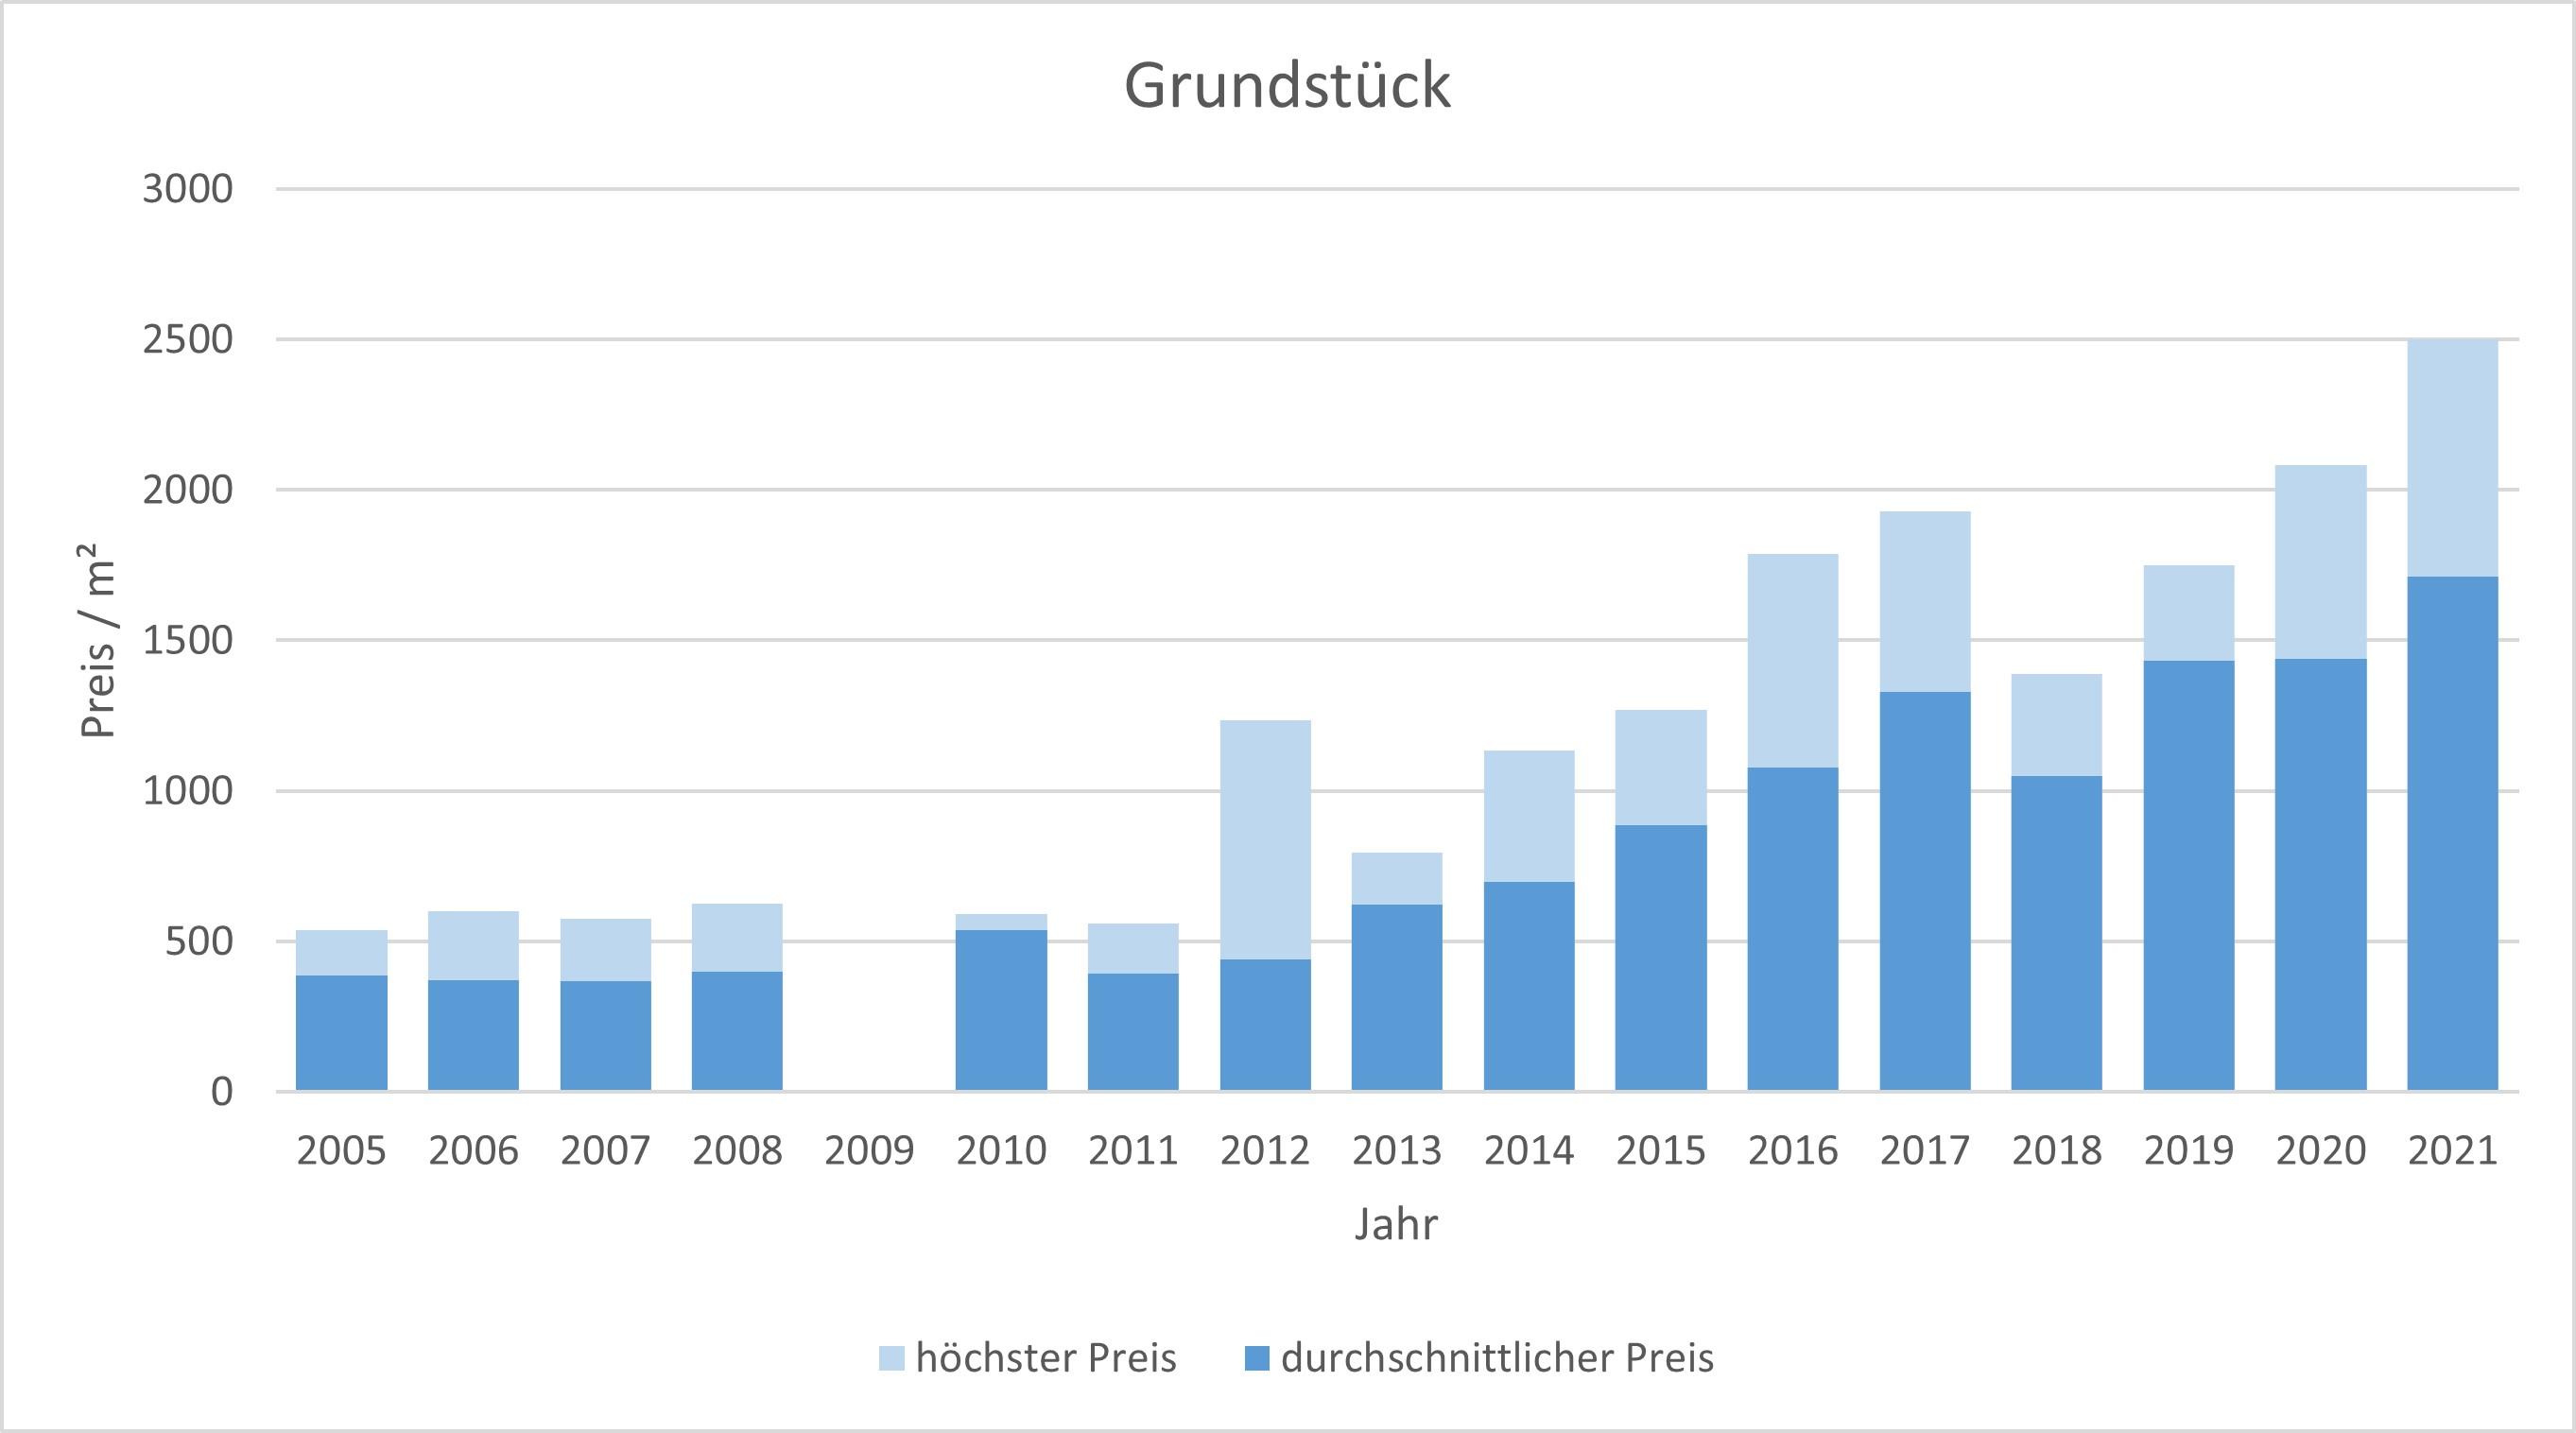 Bad Wiessee Makler Grundstück Kaufen Verkaufen Preis Bewertung 2019, 2020, 2021